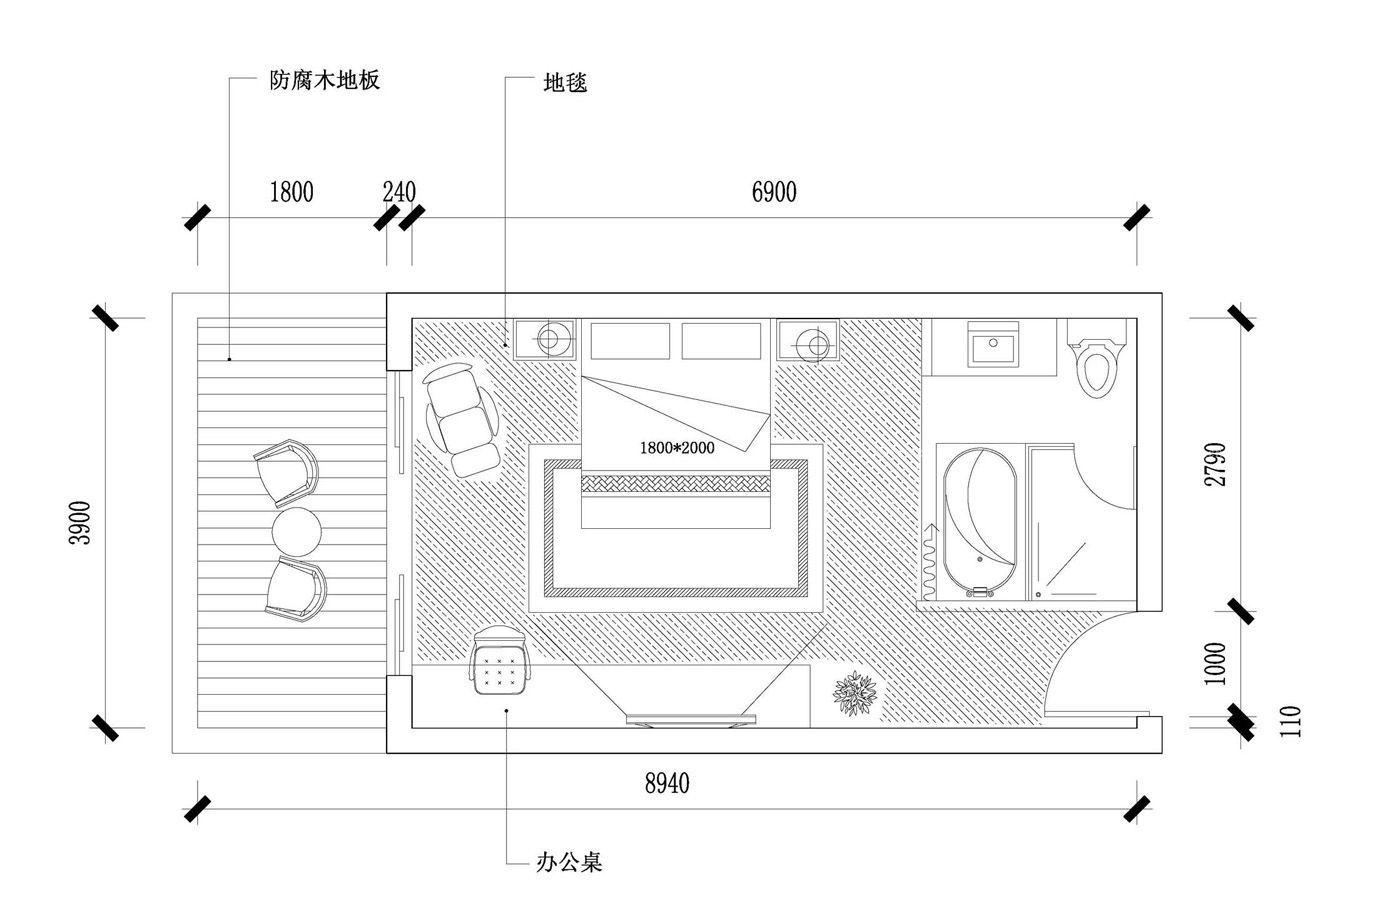 酒店客房房间设计平面图